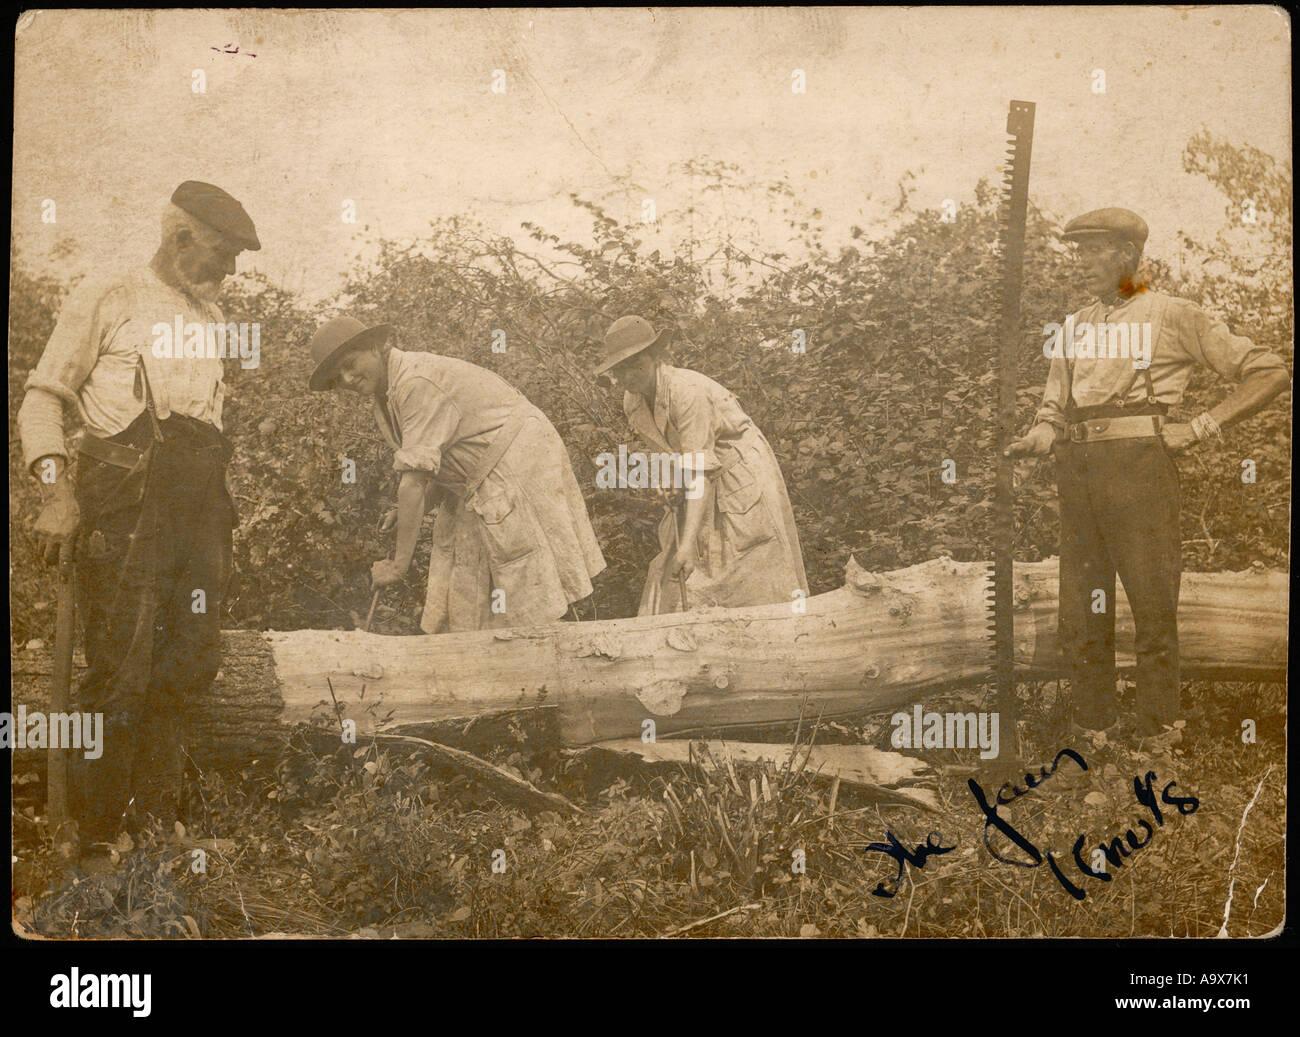 Wwi Land Girls Photo - Stock Image